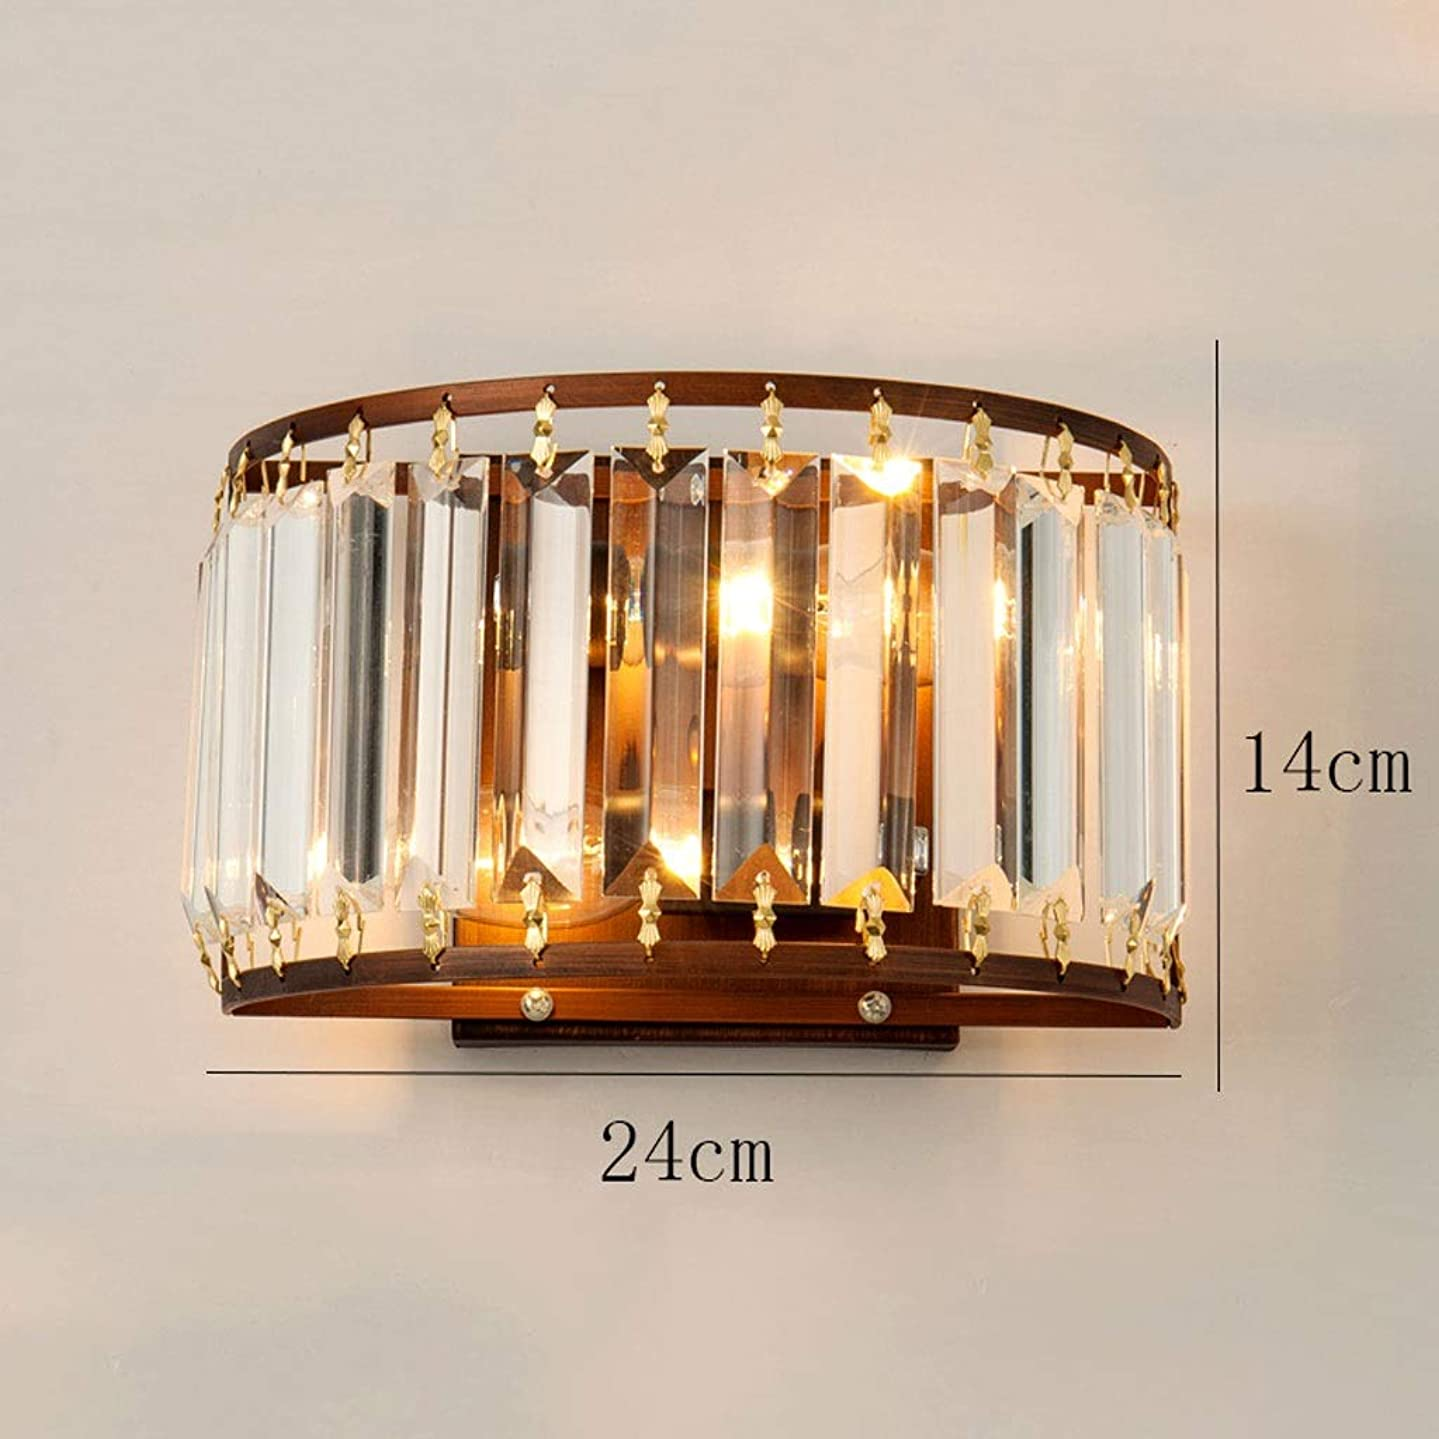 狭い適切に湿原装飾クリスタルウォールランプモダントリコロールランプE14ソケットリビングルーム/通路/ベッドルームベッドサイドランプ(ブラック/ブロンズ) (色 : ブロンズ, サイズ さいず : Three-tone light)